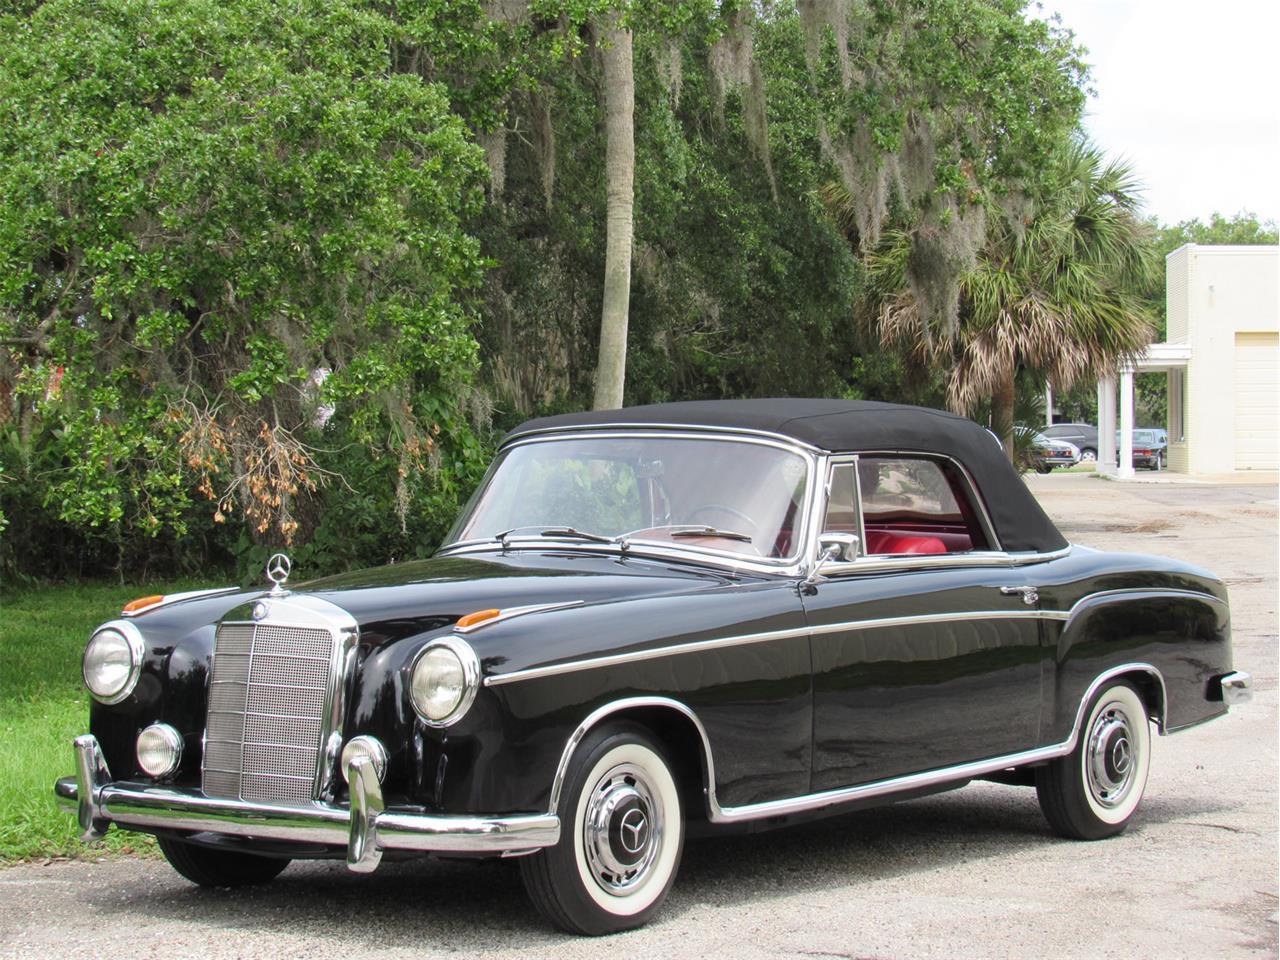 1960 Mercedes-Benz 220SE for sale in Sarasota, FL ...